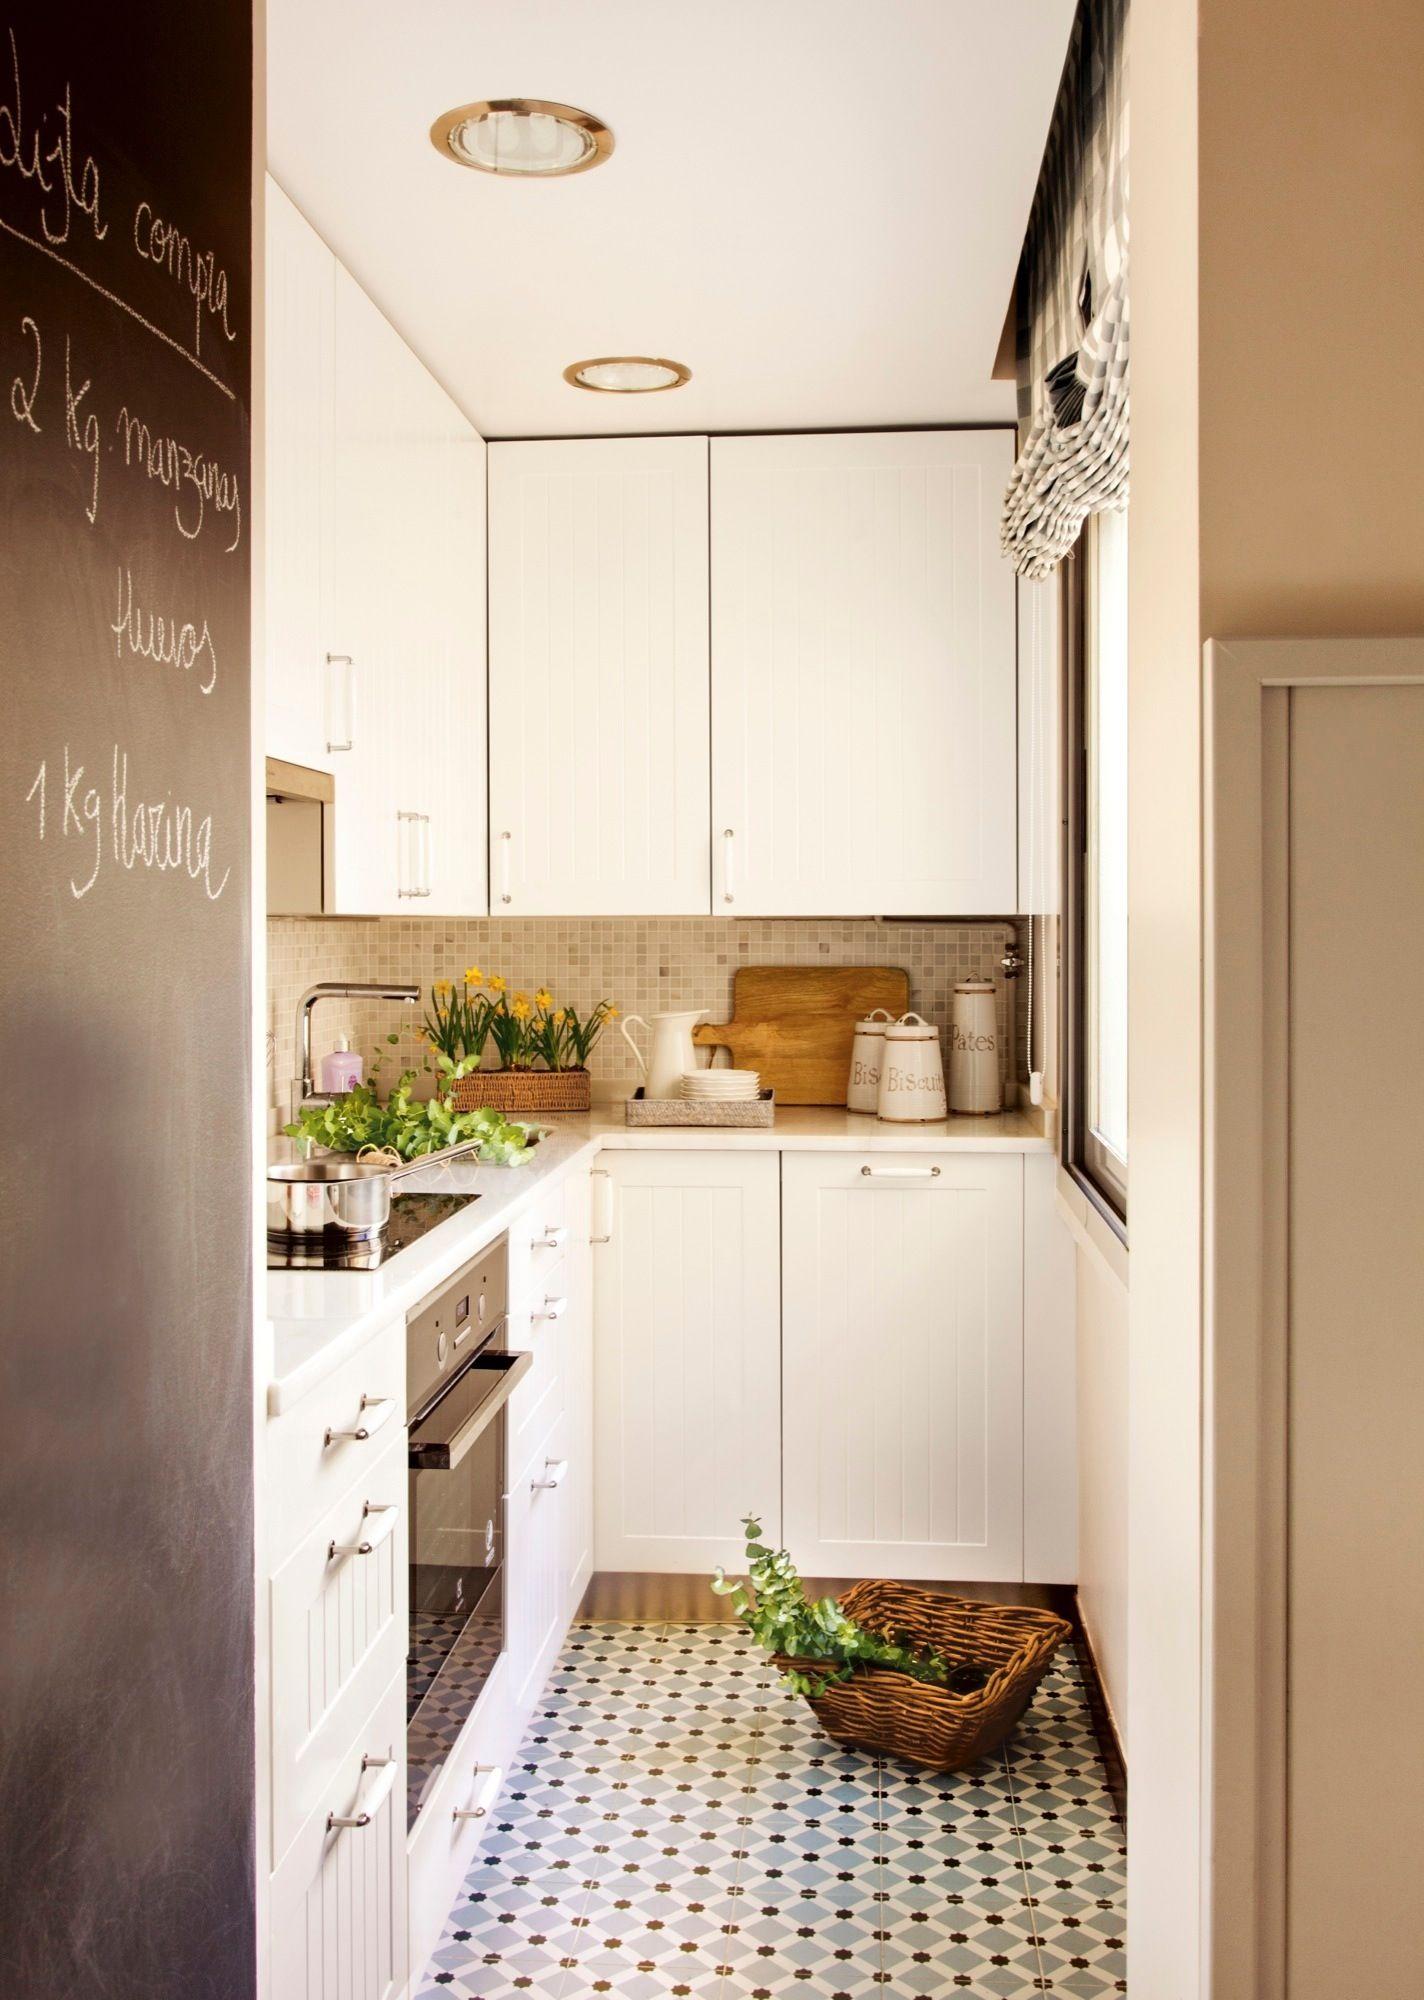 Cocina mini con mobiliario en blanco | Fotos de cocinas pequeñas ...